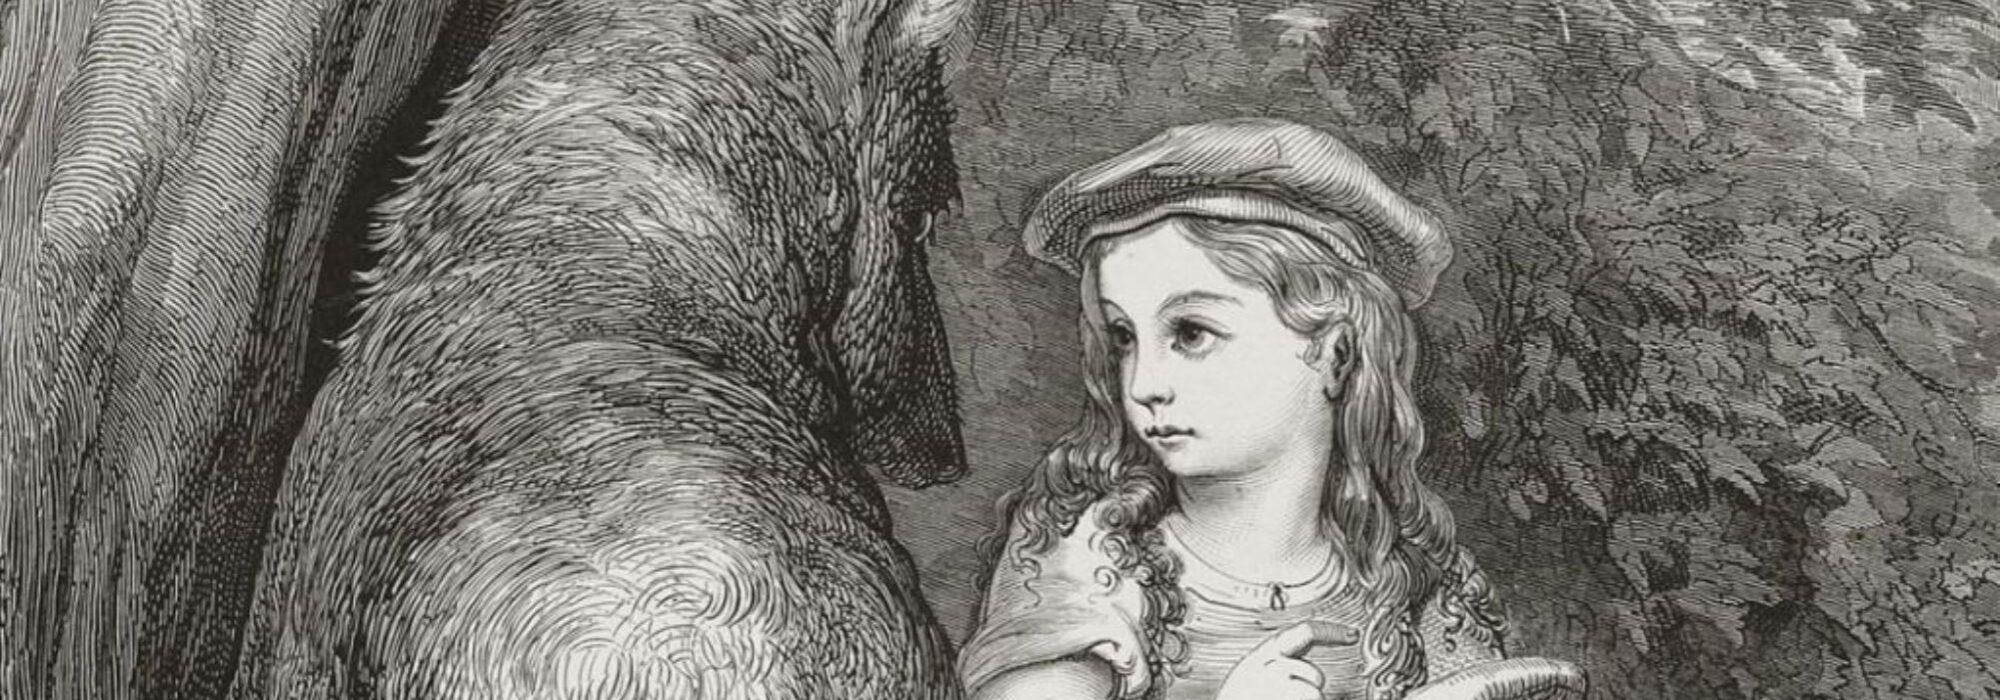 Imagem: Chapeuzinho Vermelho (Gustave Doré, 1862)